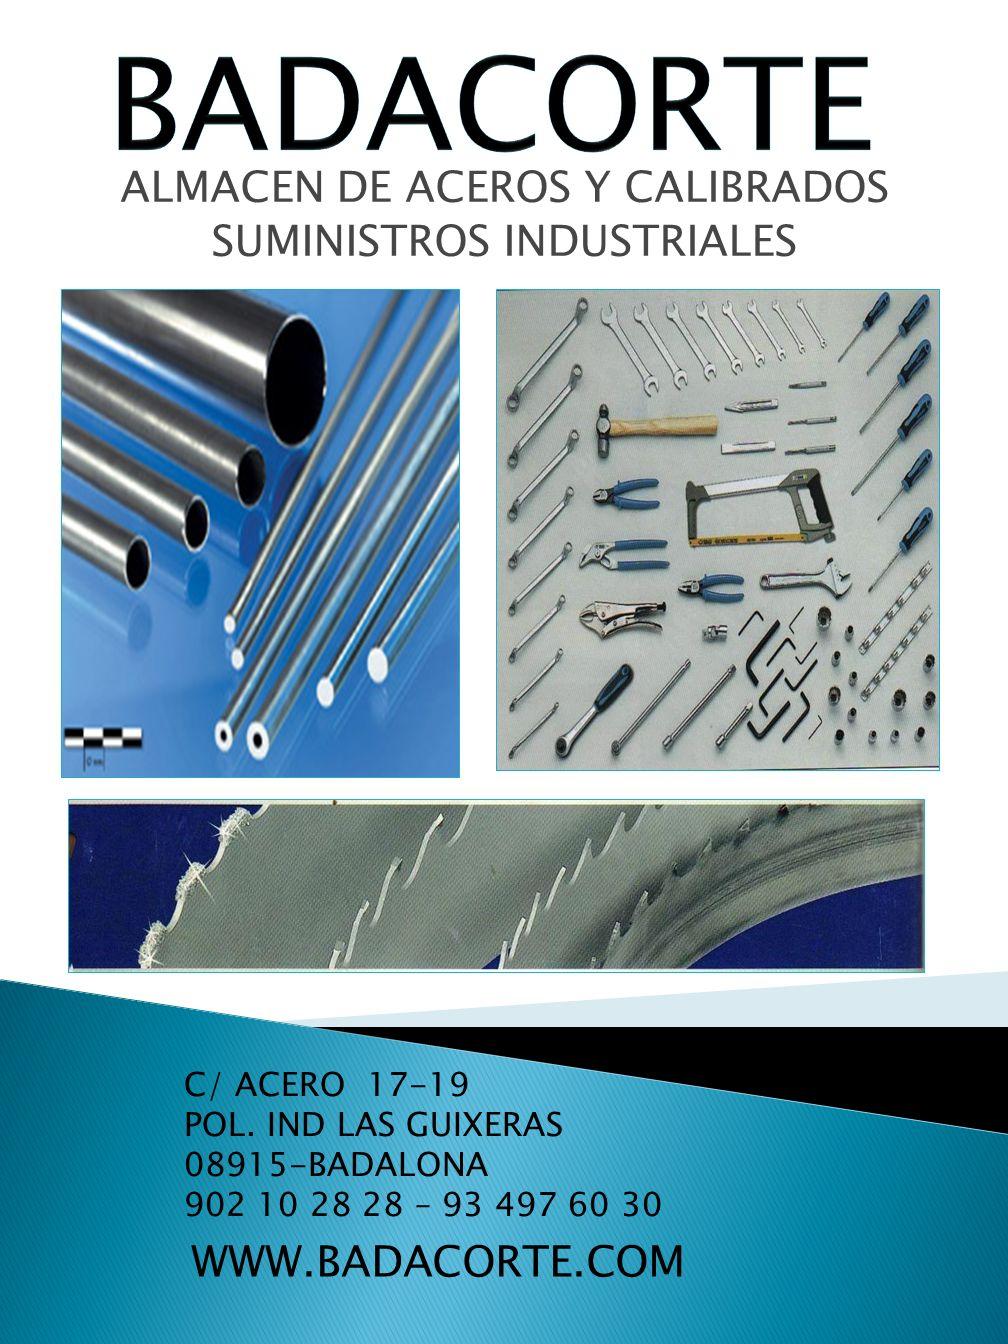 ALMACEN DE ACEROS Y CALIBRADOS SUMINISTROS INDUSTRIALES